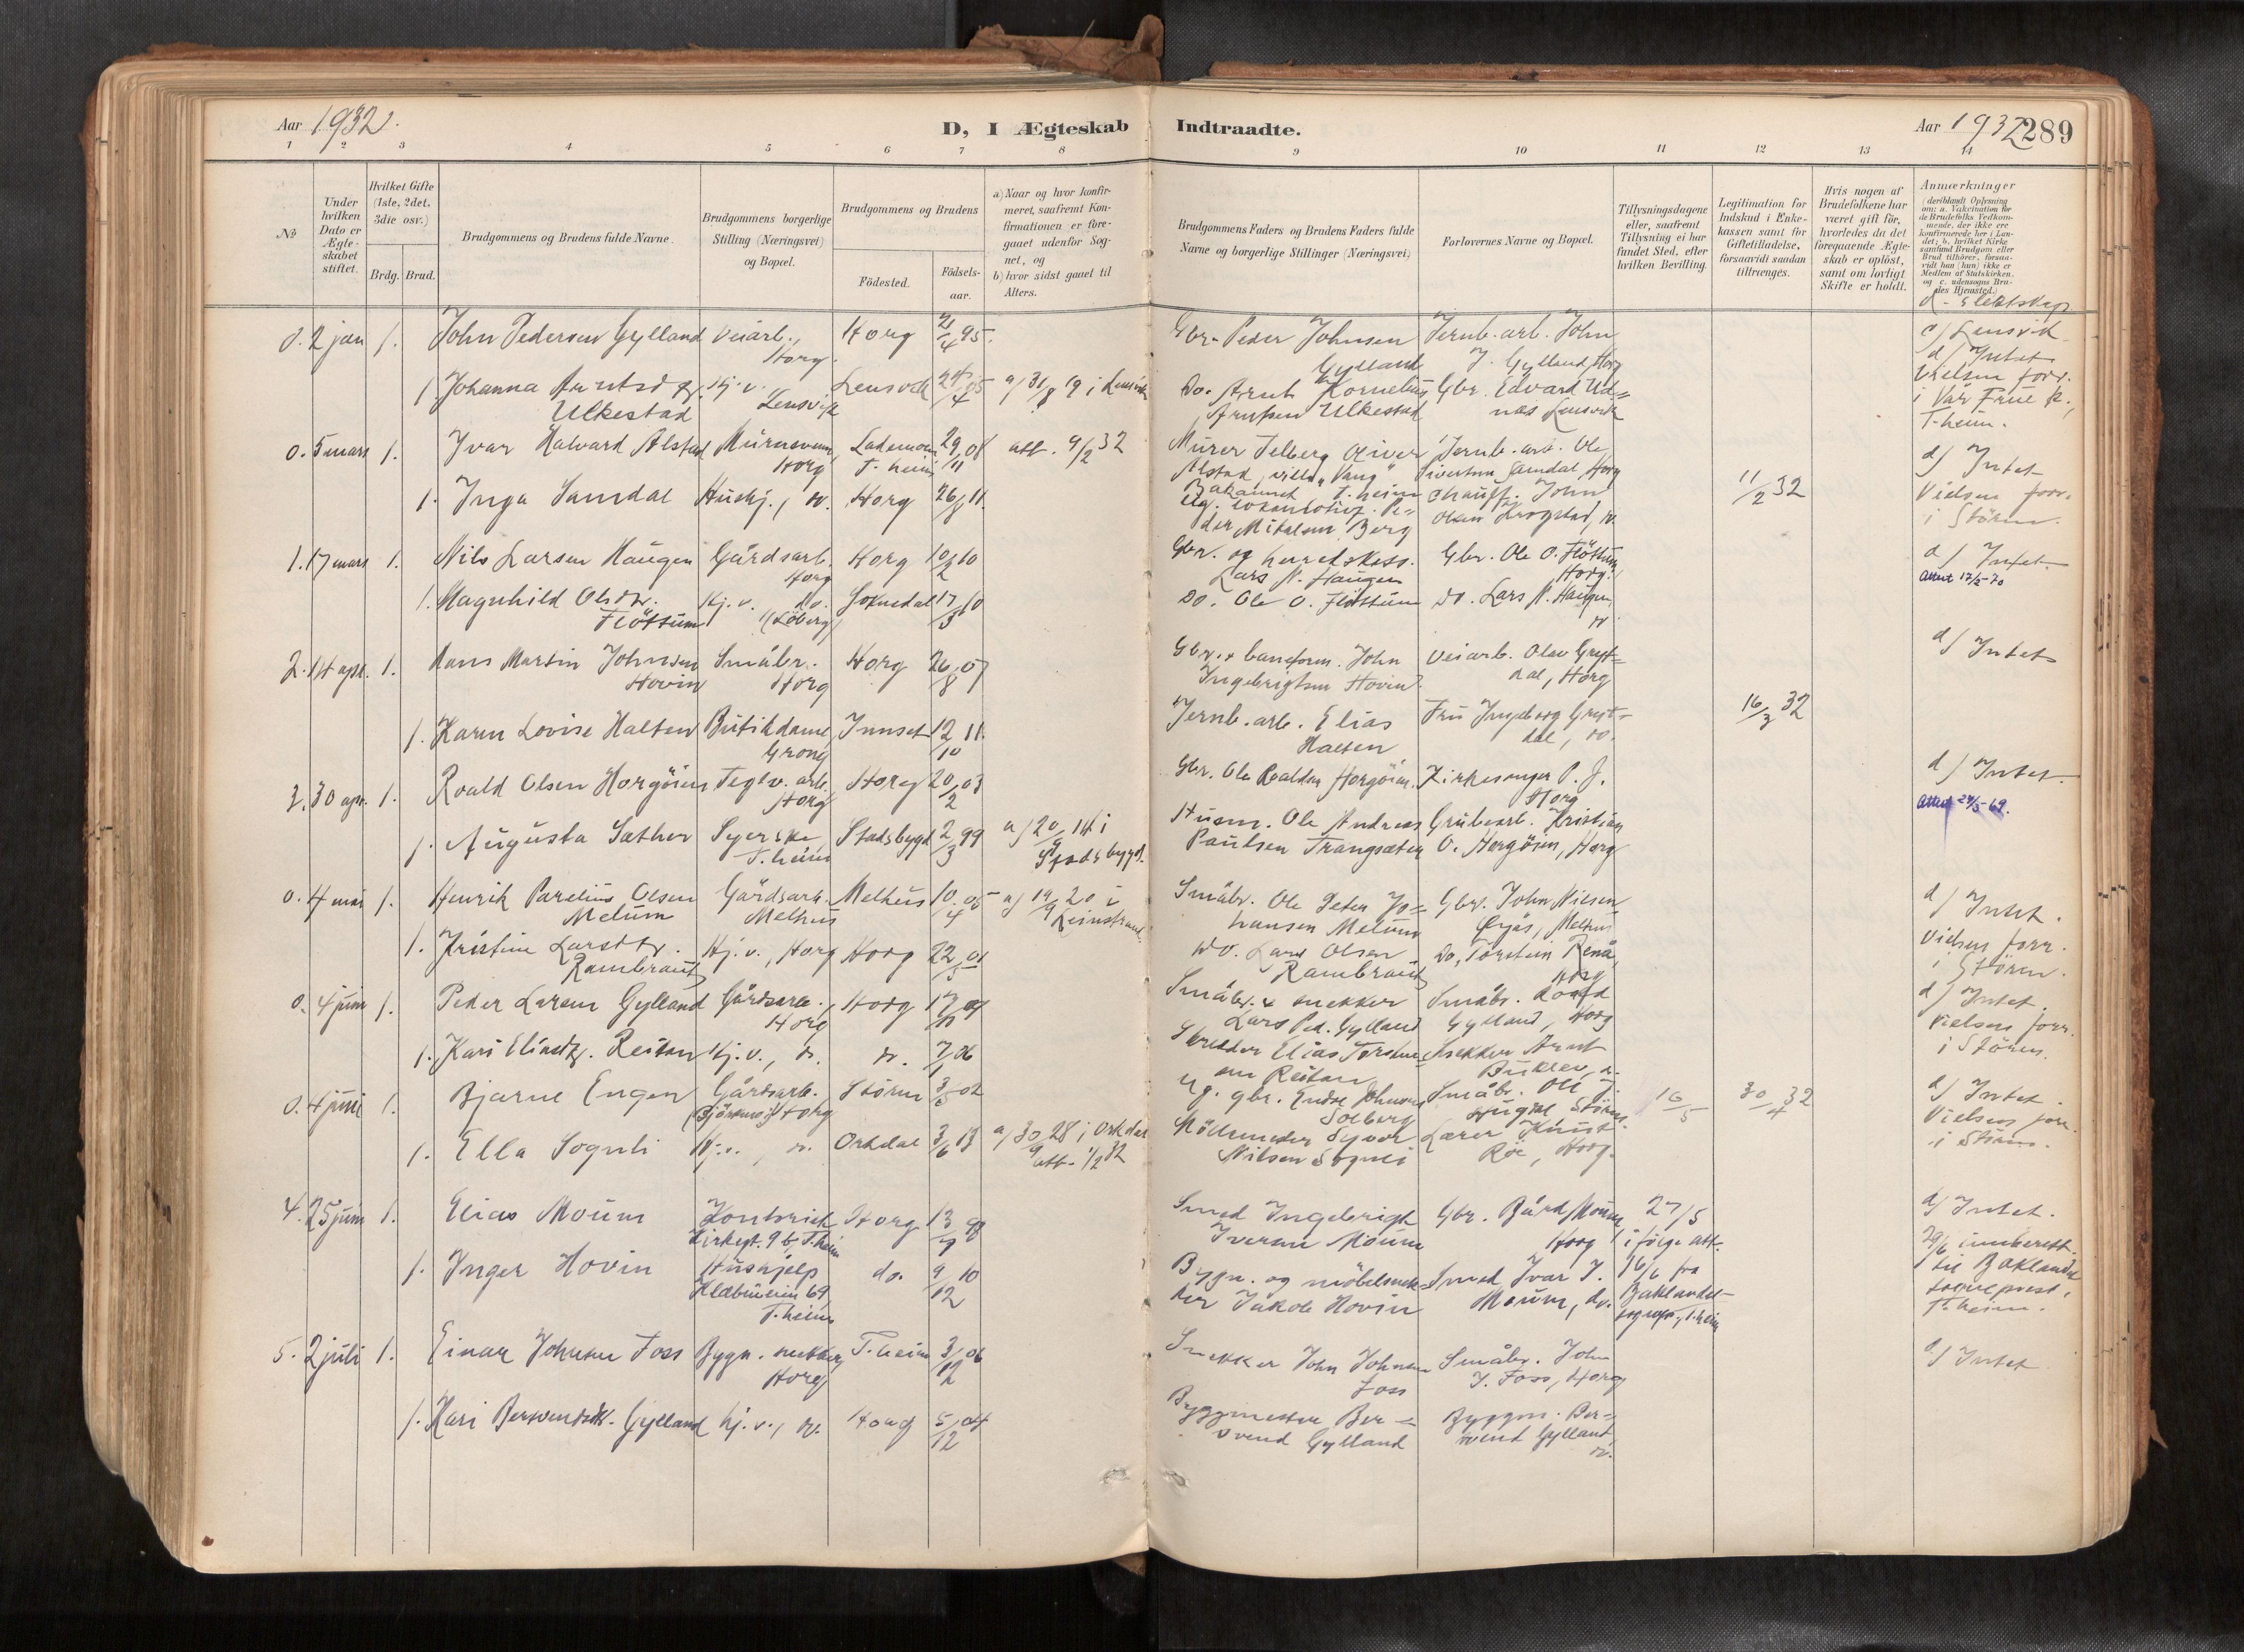 SAT, Ministerialprotokoller, klokkerbøker og fødselsregistre - Sør-Trøndelag, 692/L1105b: Ministerialbok nr. 692A06, 1891-1934, s. 289